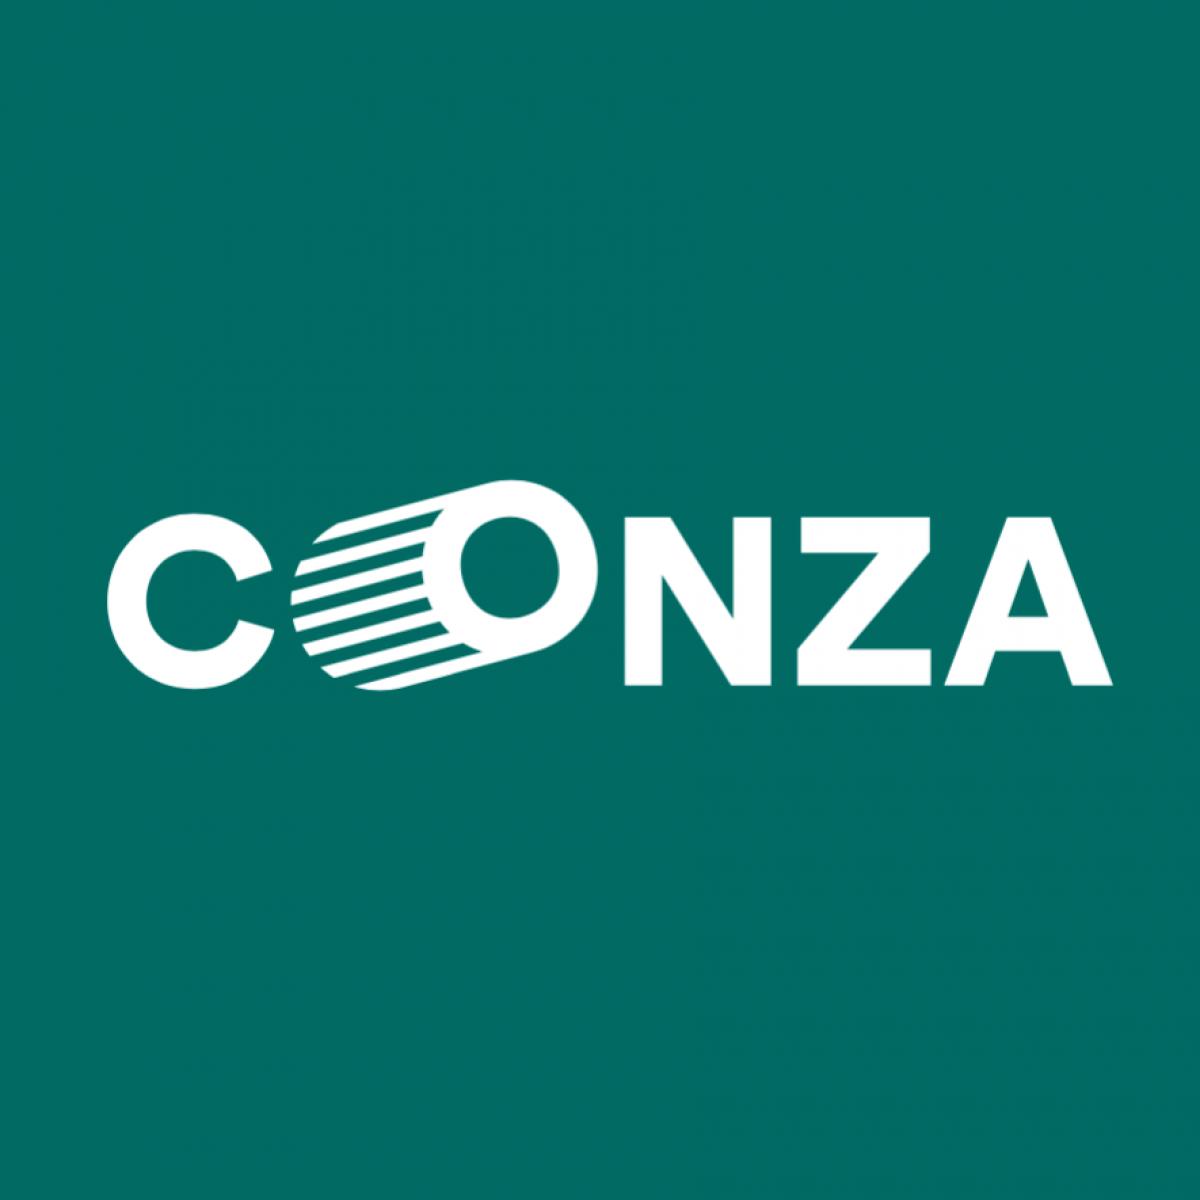 Conza Press